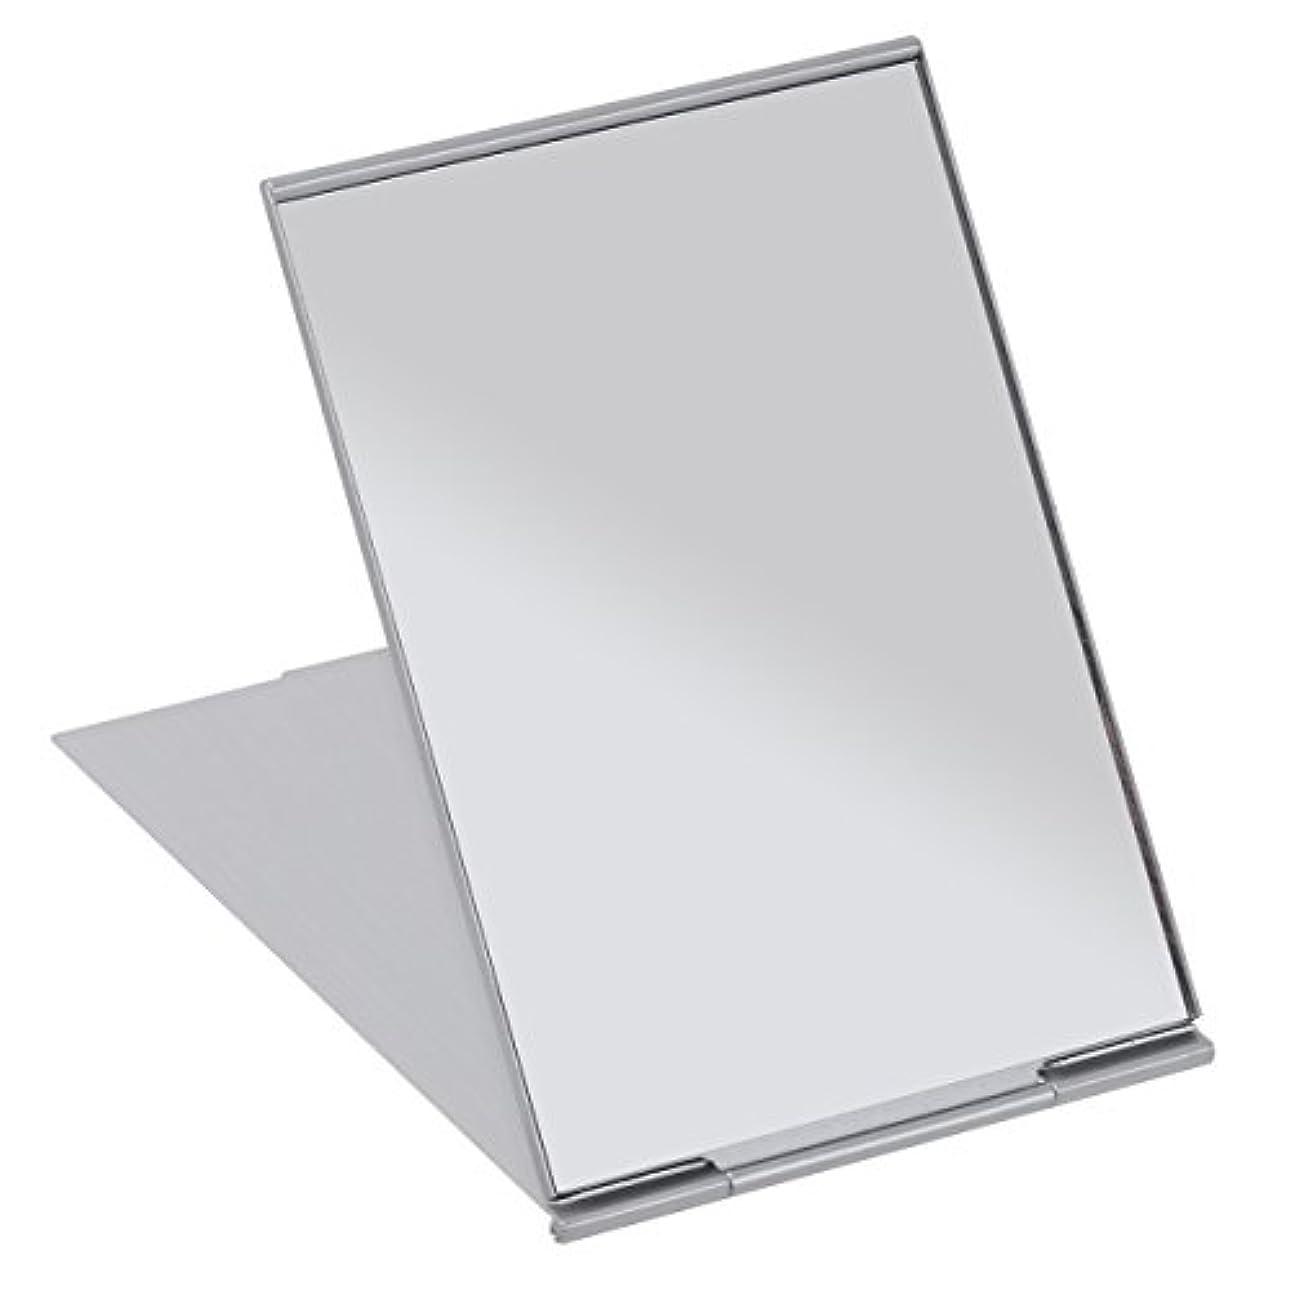 モーターバウンスマラソンFRCOLOR 化粧鏡 携帯ミラー 折りたたみミラー 化粧ミラー コンパクトミラー 11.5*8cm 持ち運びに便利 (シルバー)